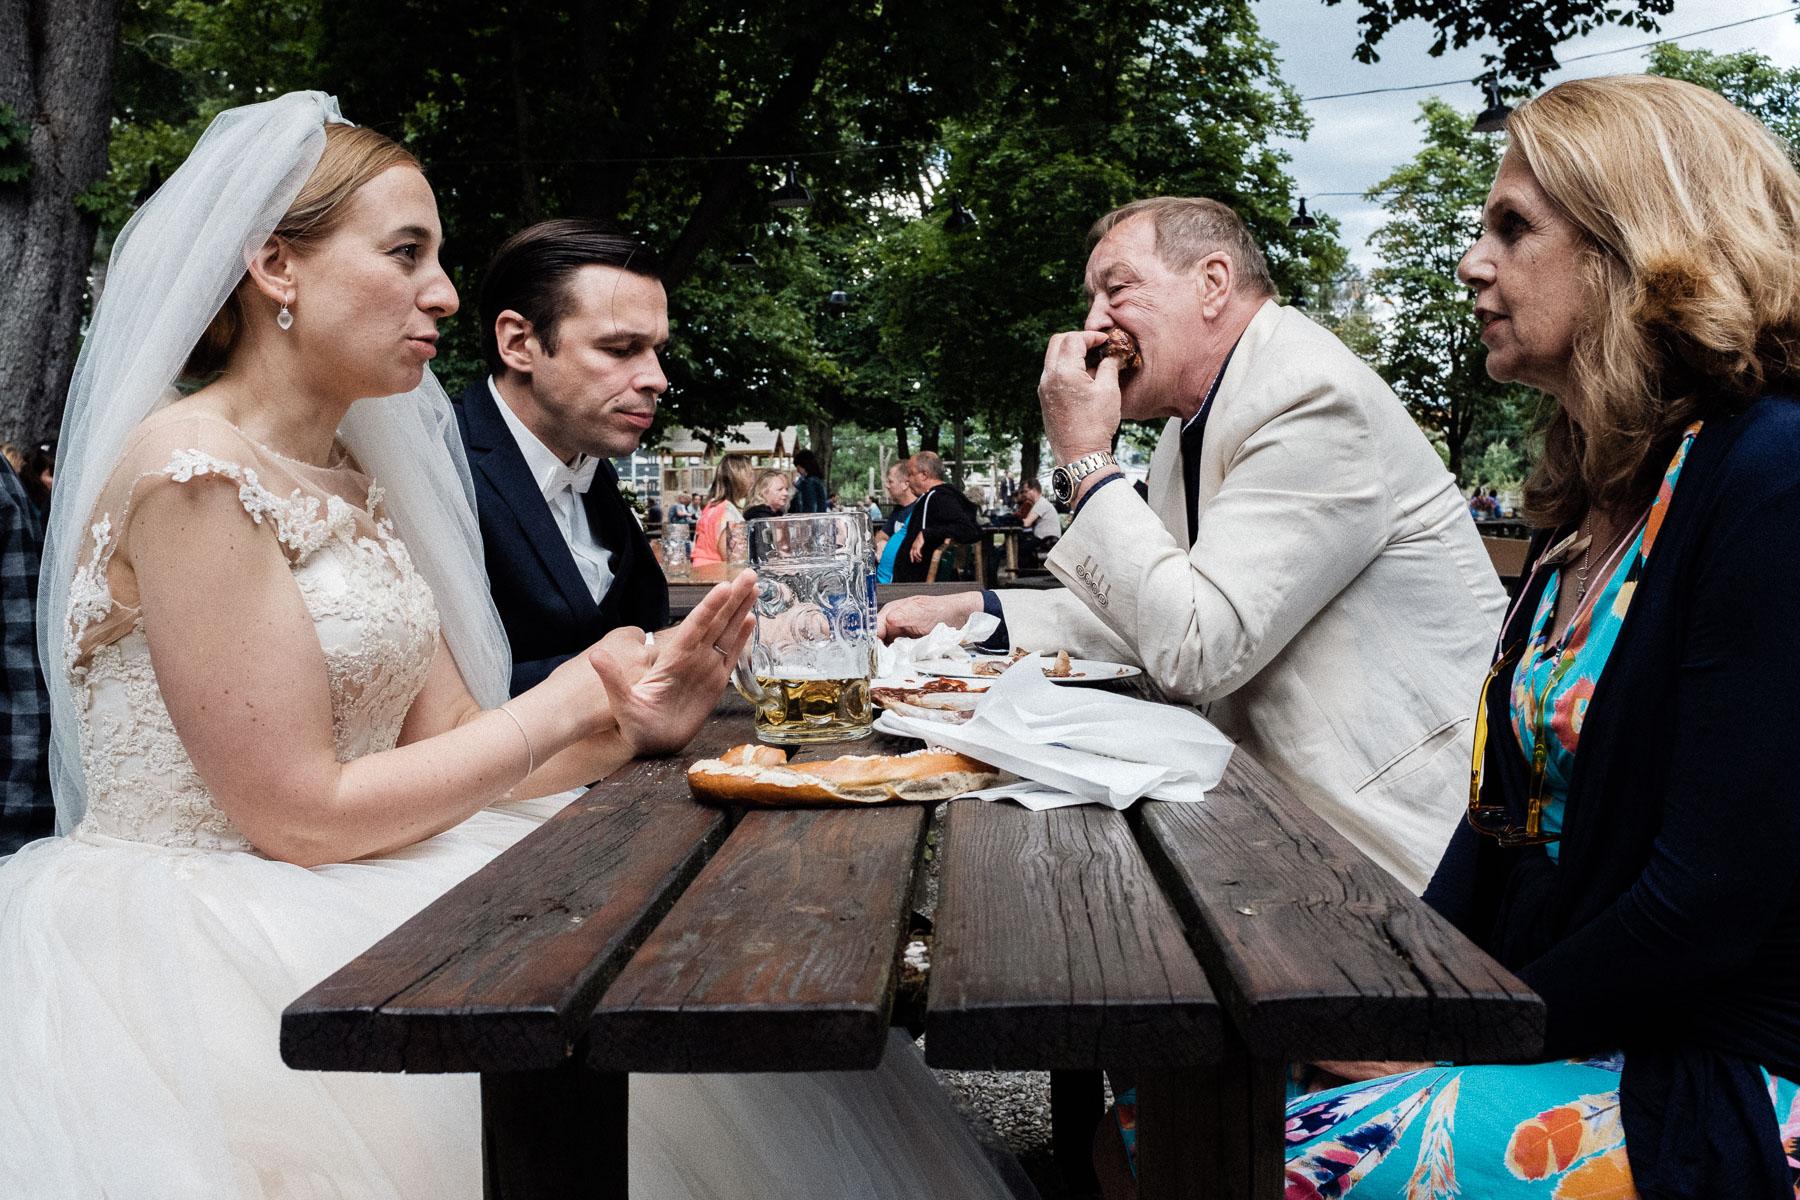 MartinLiebl_Hochzeitsfotograf_MML_Blog_66.jpg